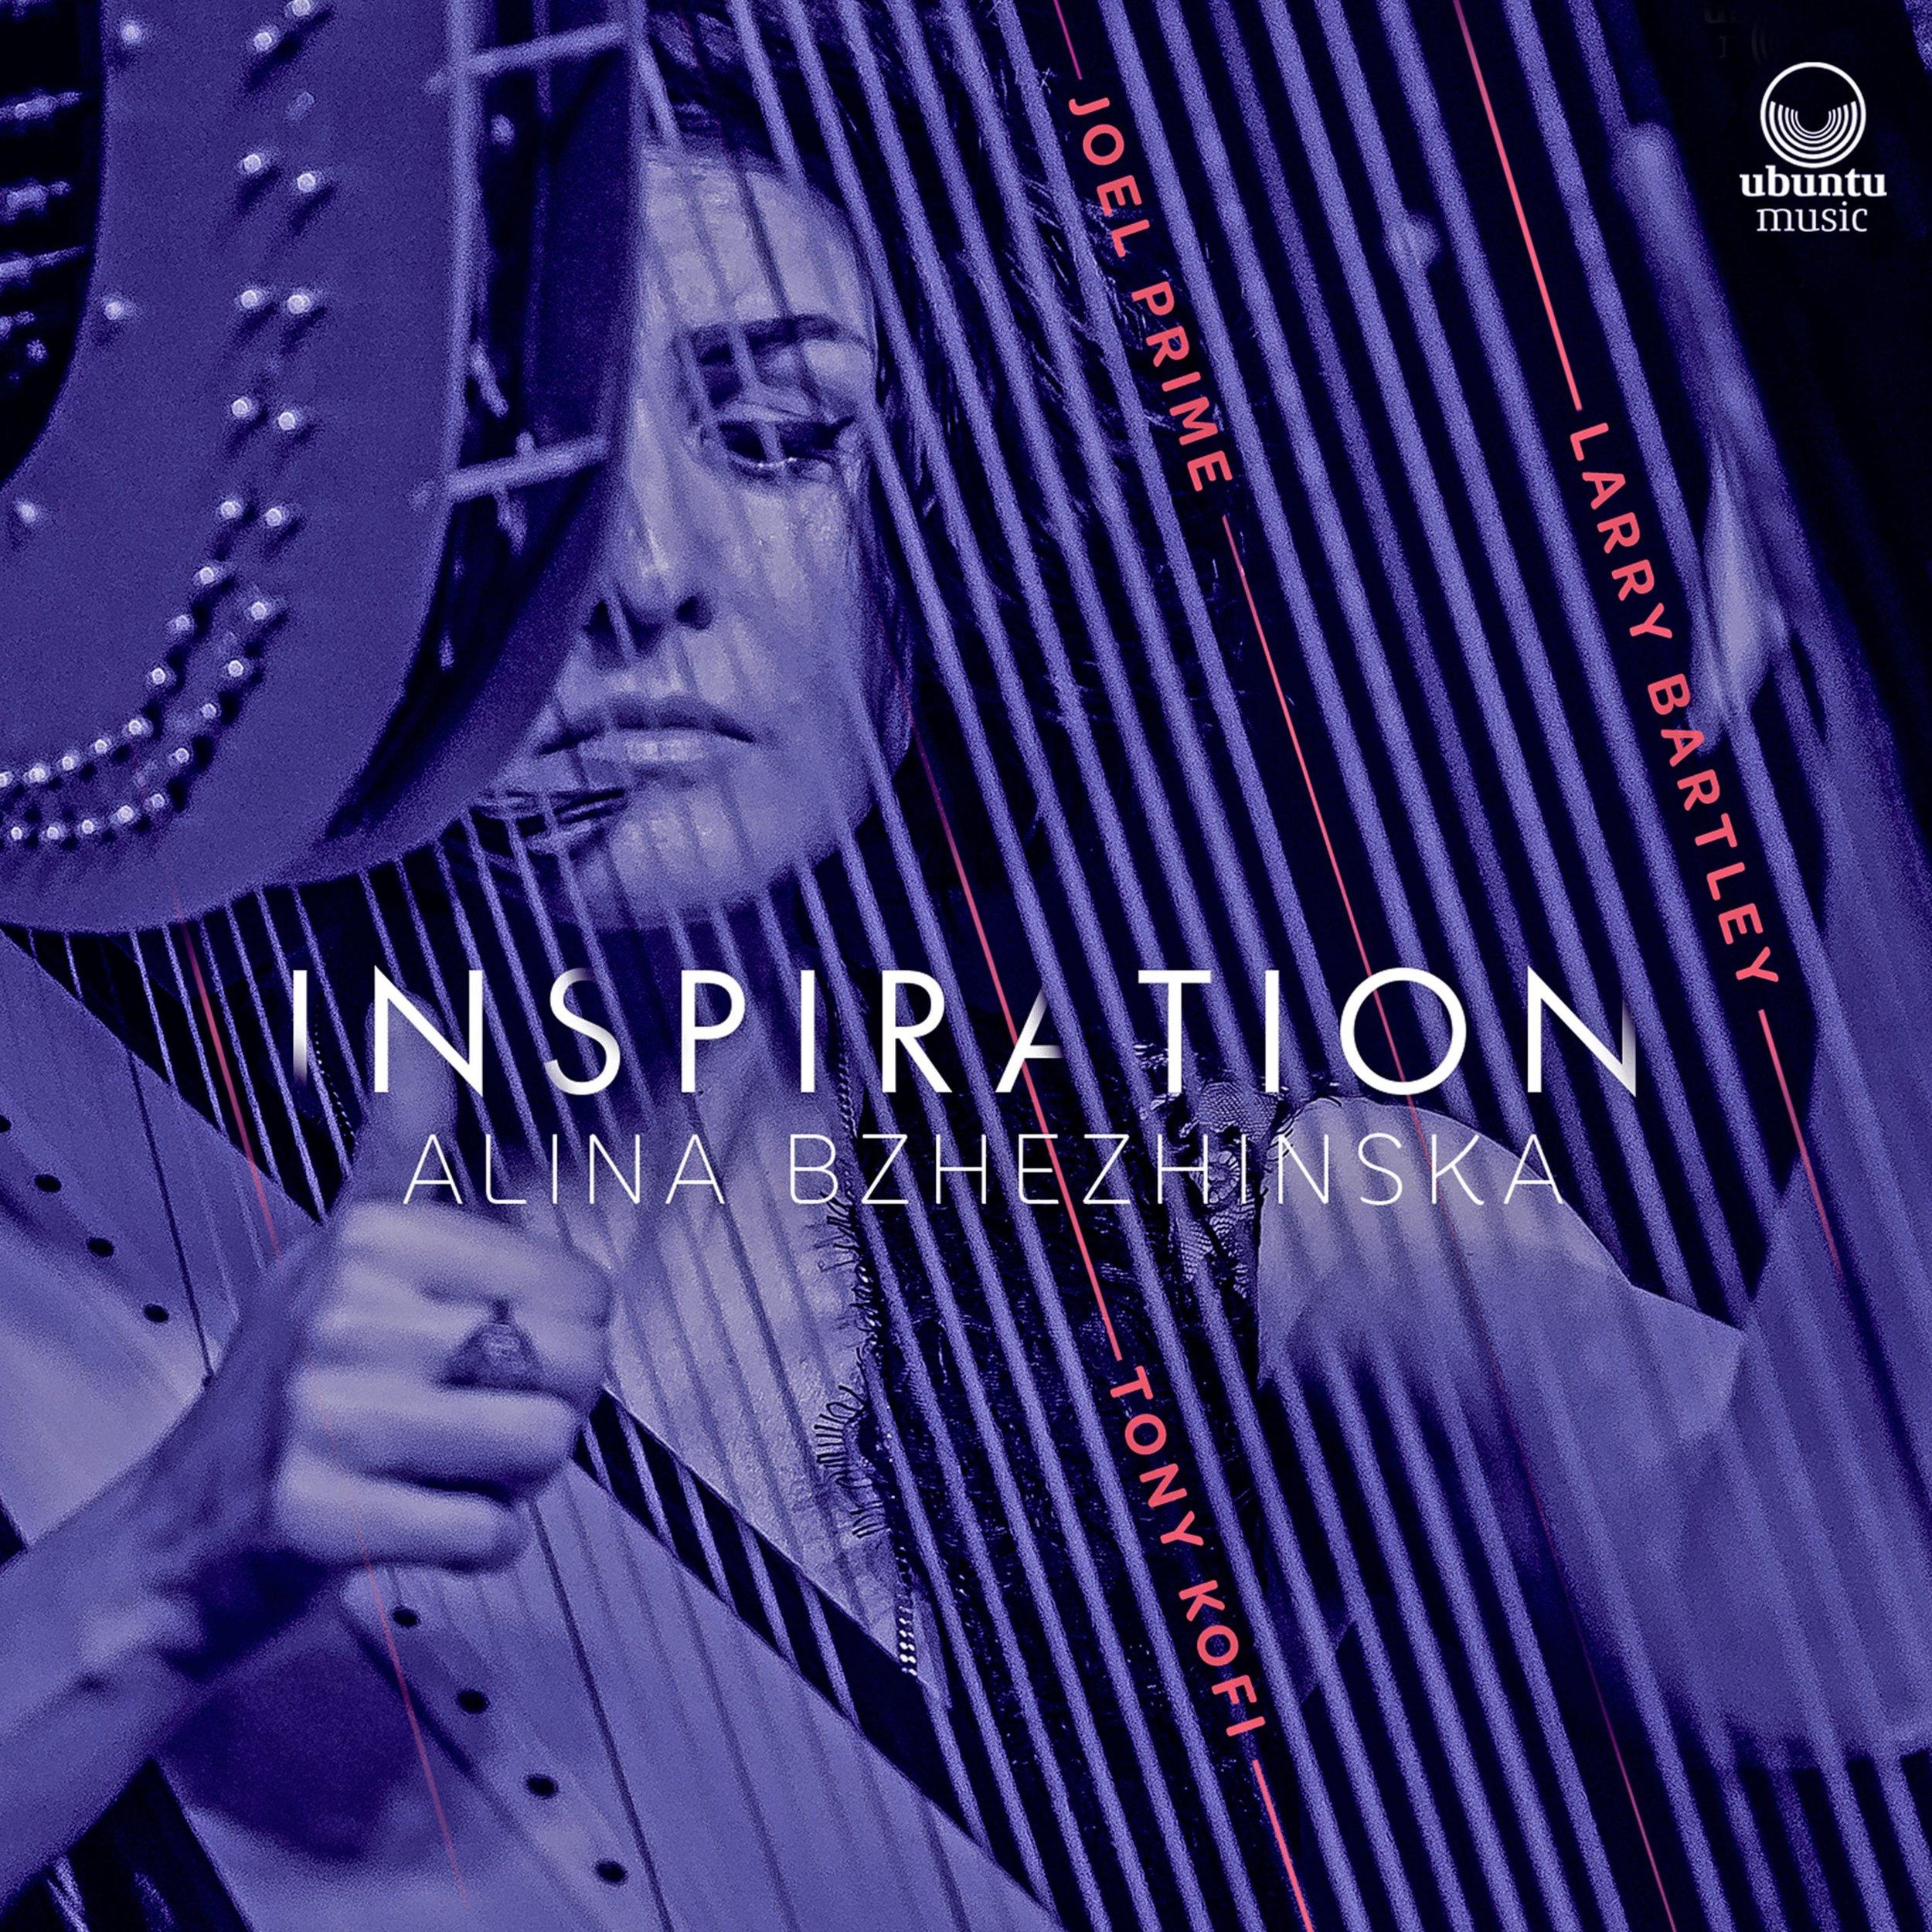 UBU0008 Alina Bzhezhinska_Inspiration_Cover.jpg